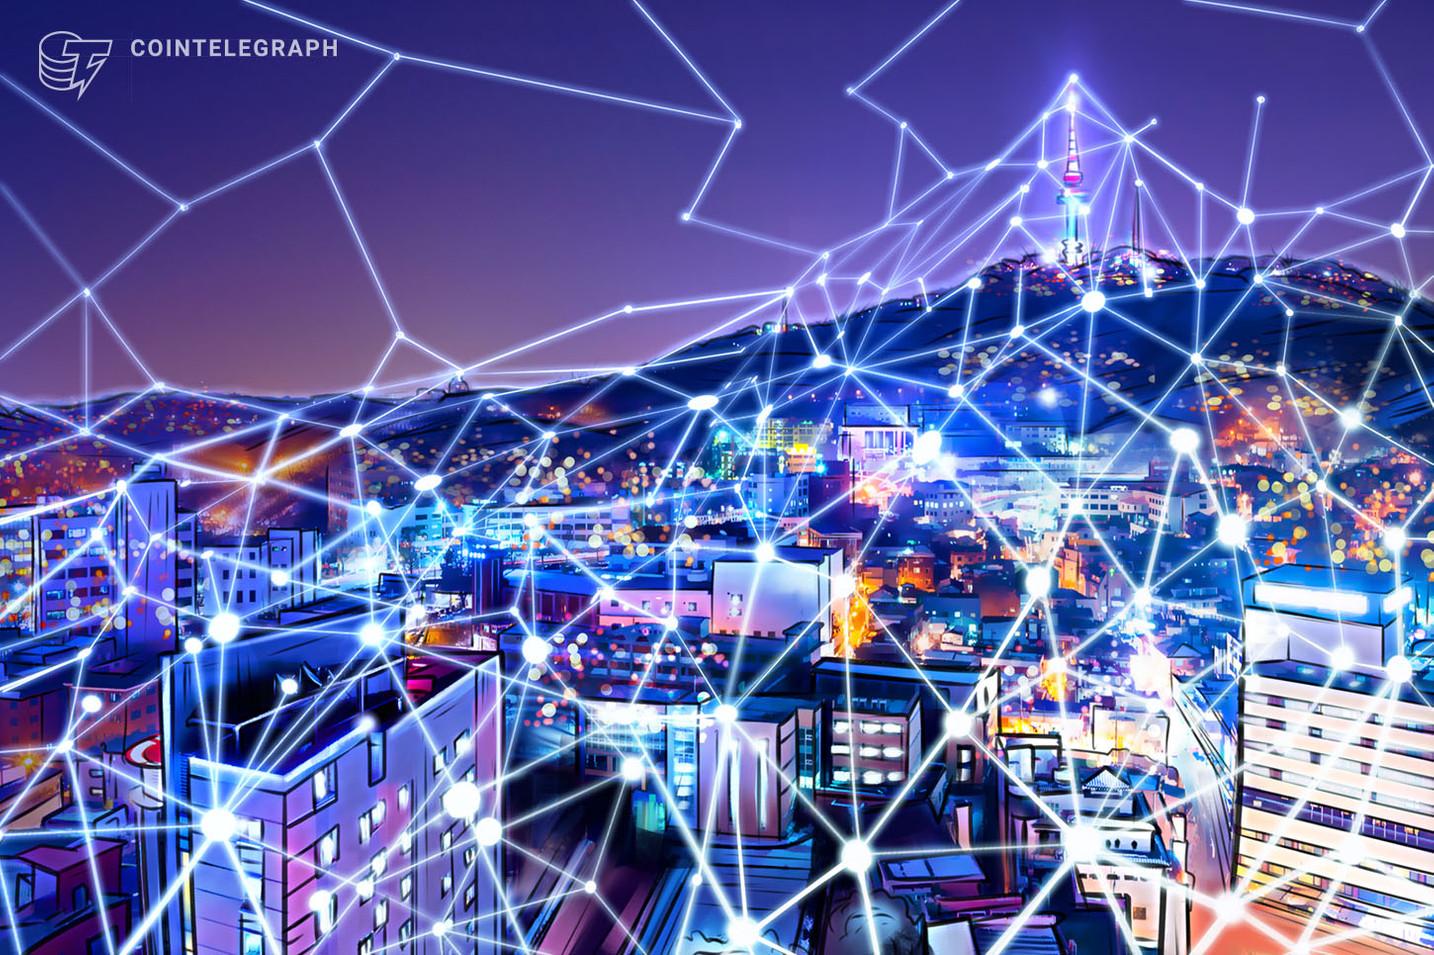 韓国・釜山、ブロックチェーン技術でメディカルツーリズムを計画